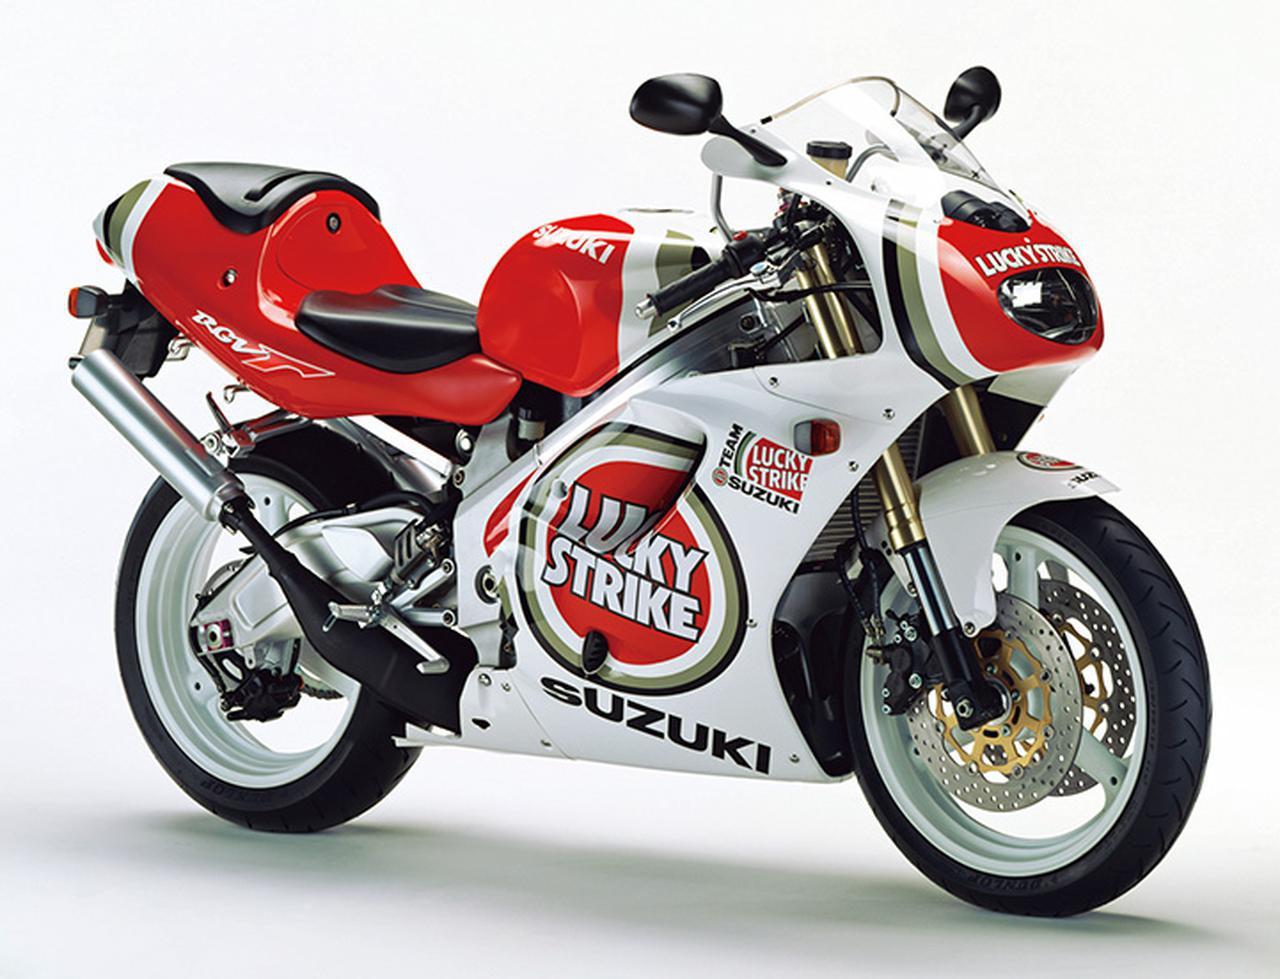 画像: ラッキーストライクバージョンも用意された。1996年4月発売で、価格は標準仕様と同じ。最後に販売された250㏄のГだ。